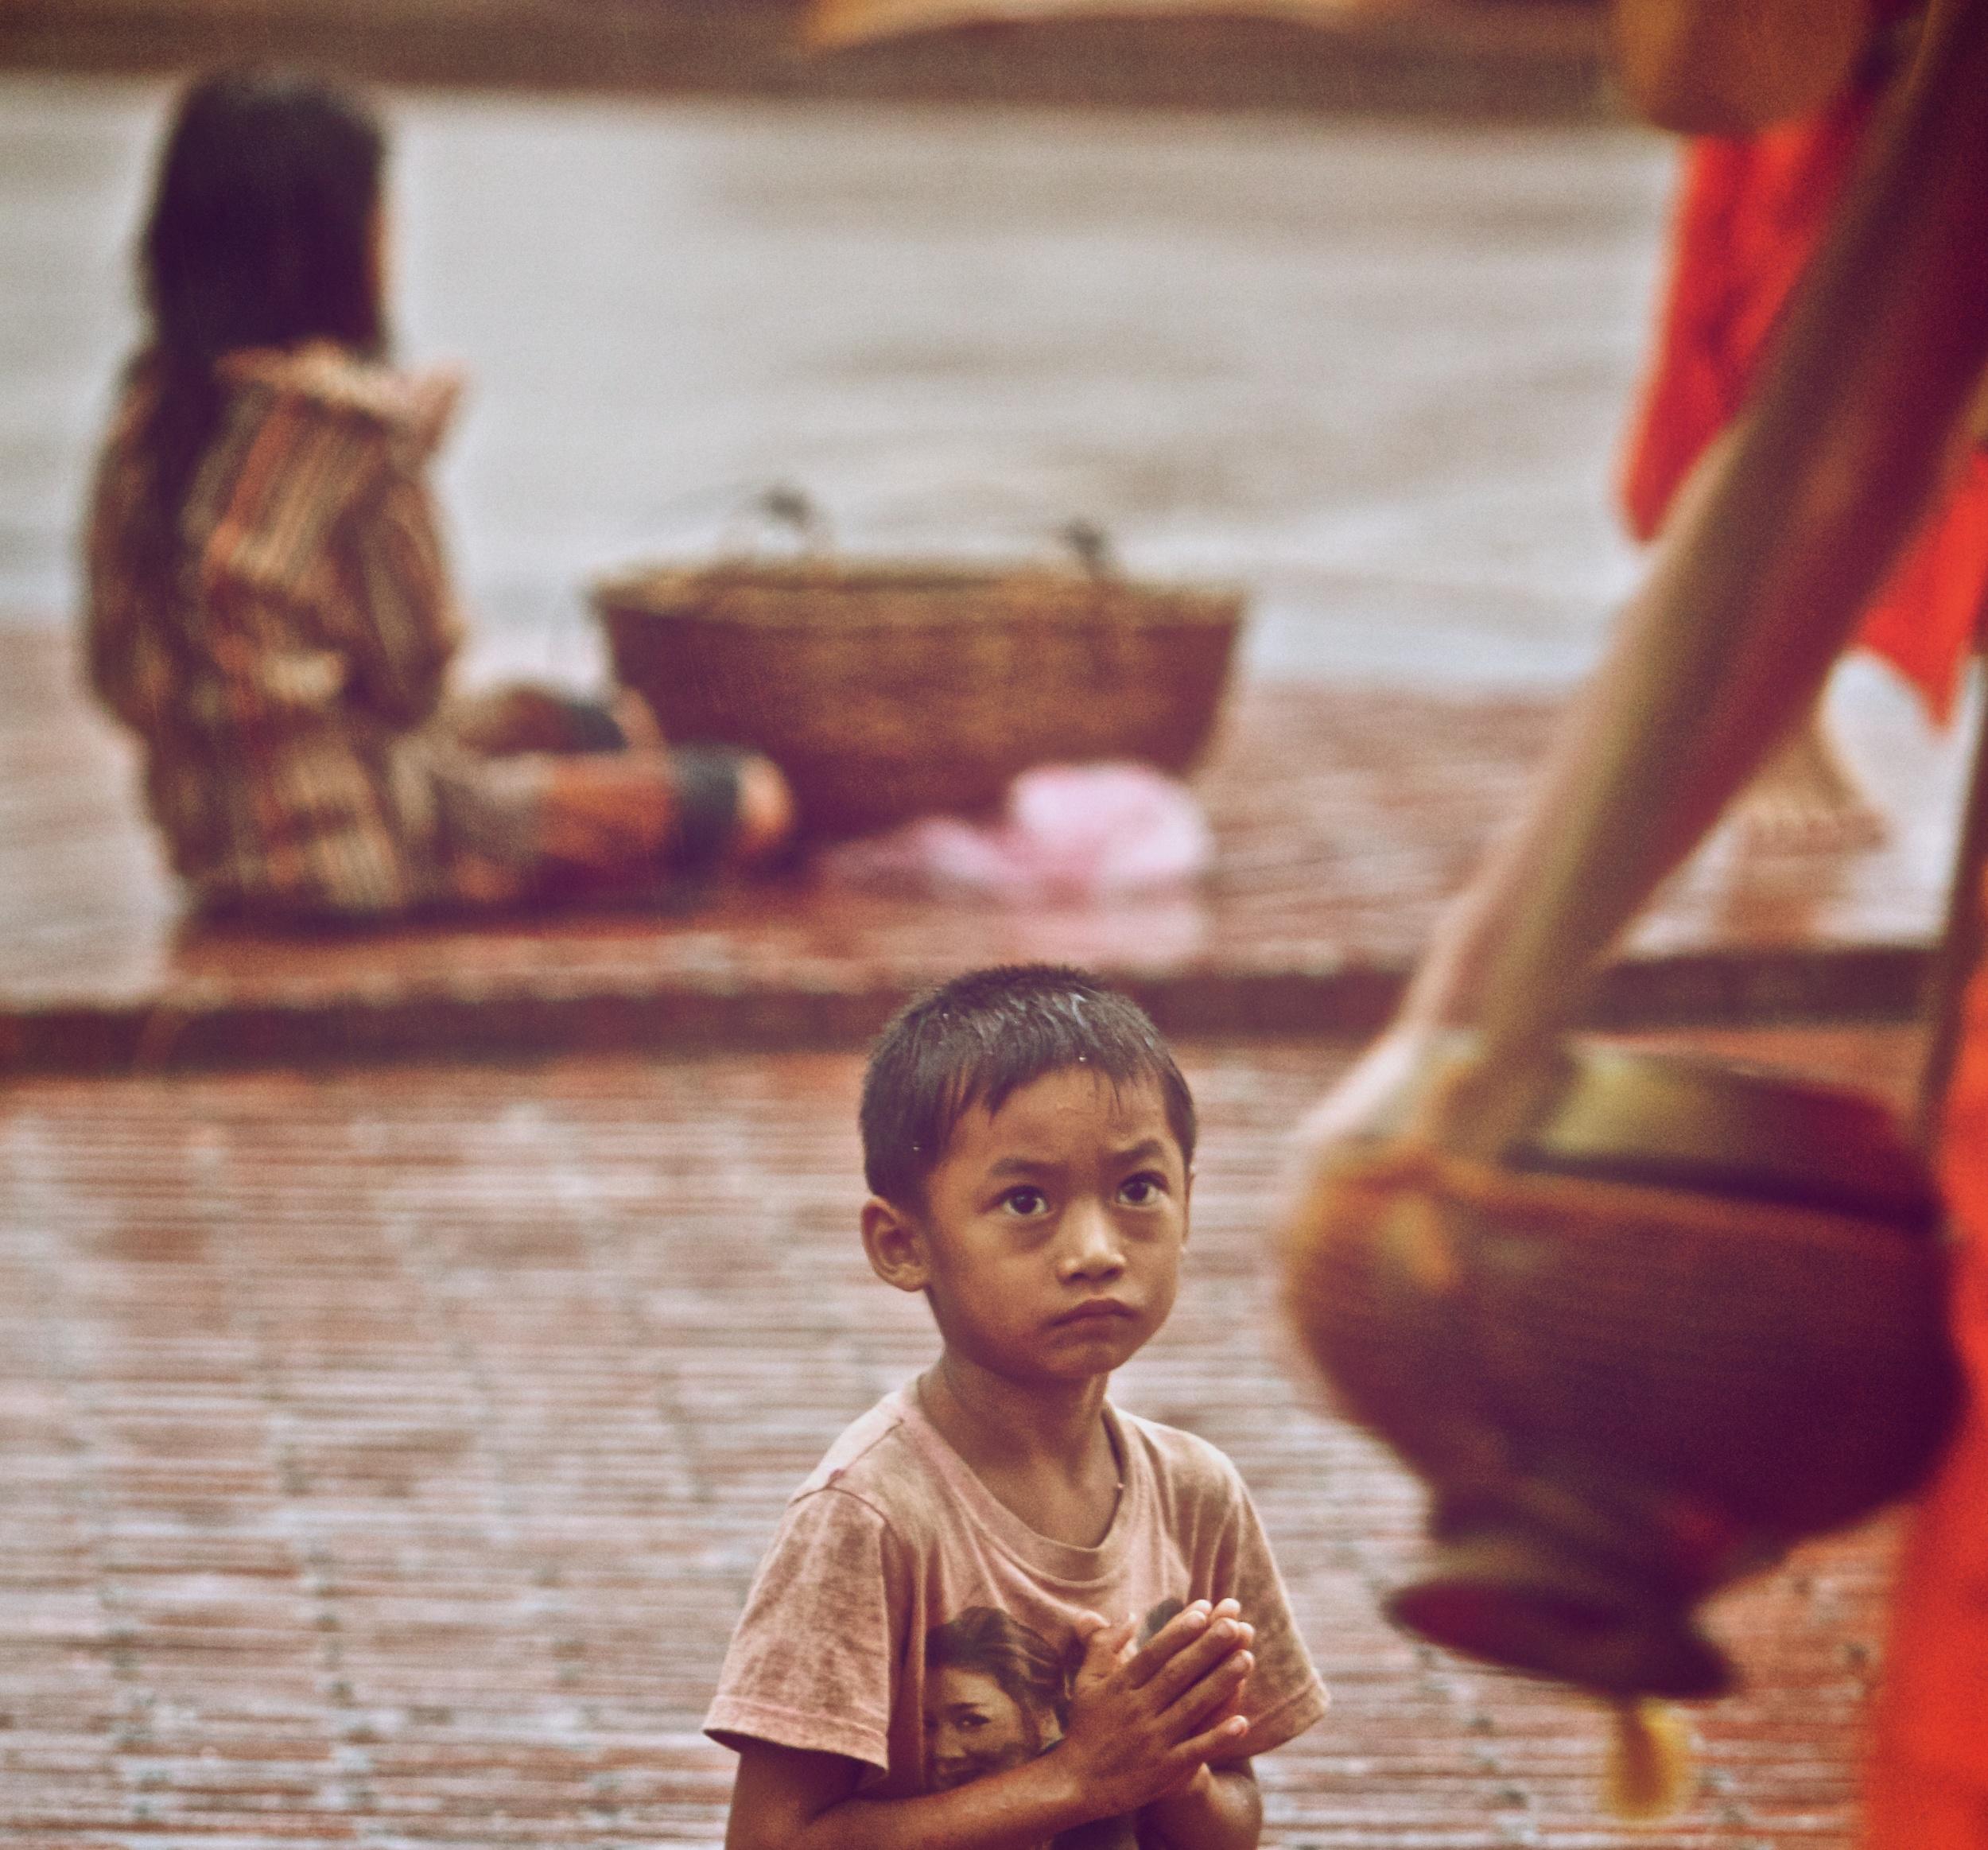 child begging for food.jpg